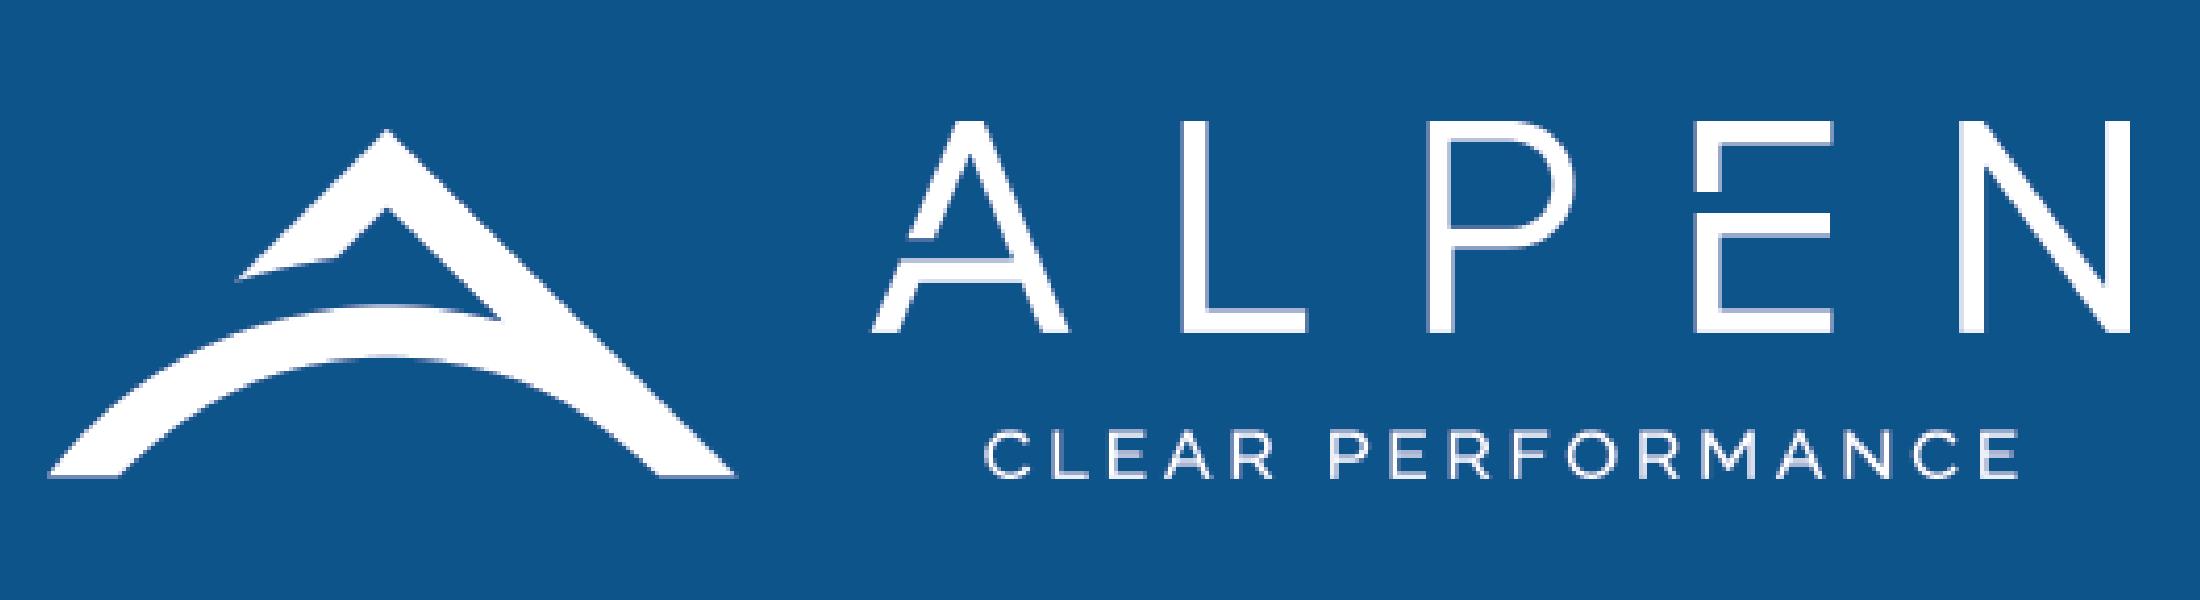 ALPEN-01.png